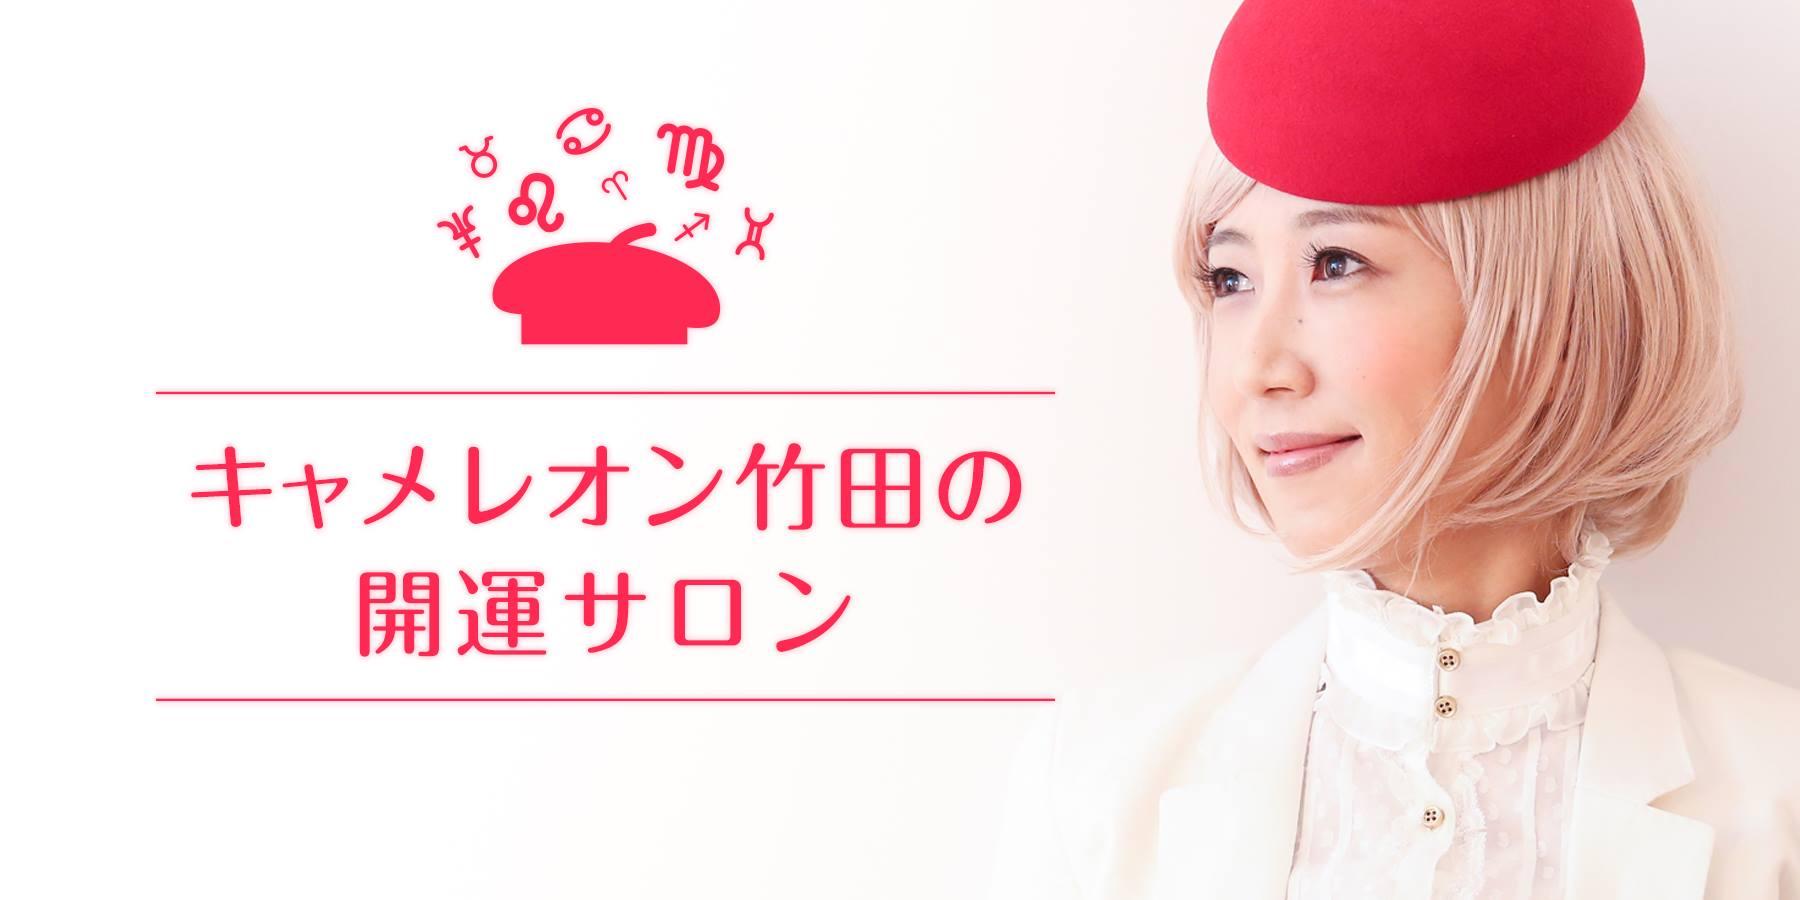 キャメレオン竹田の開運サロン